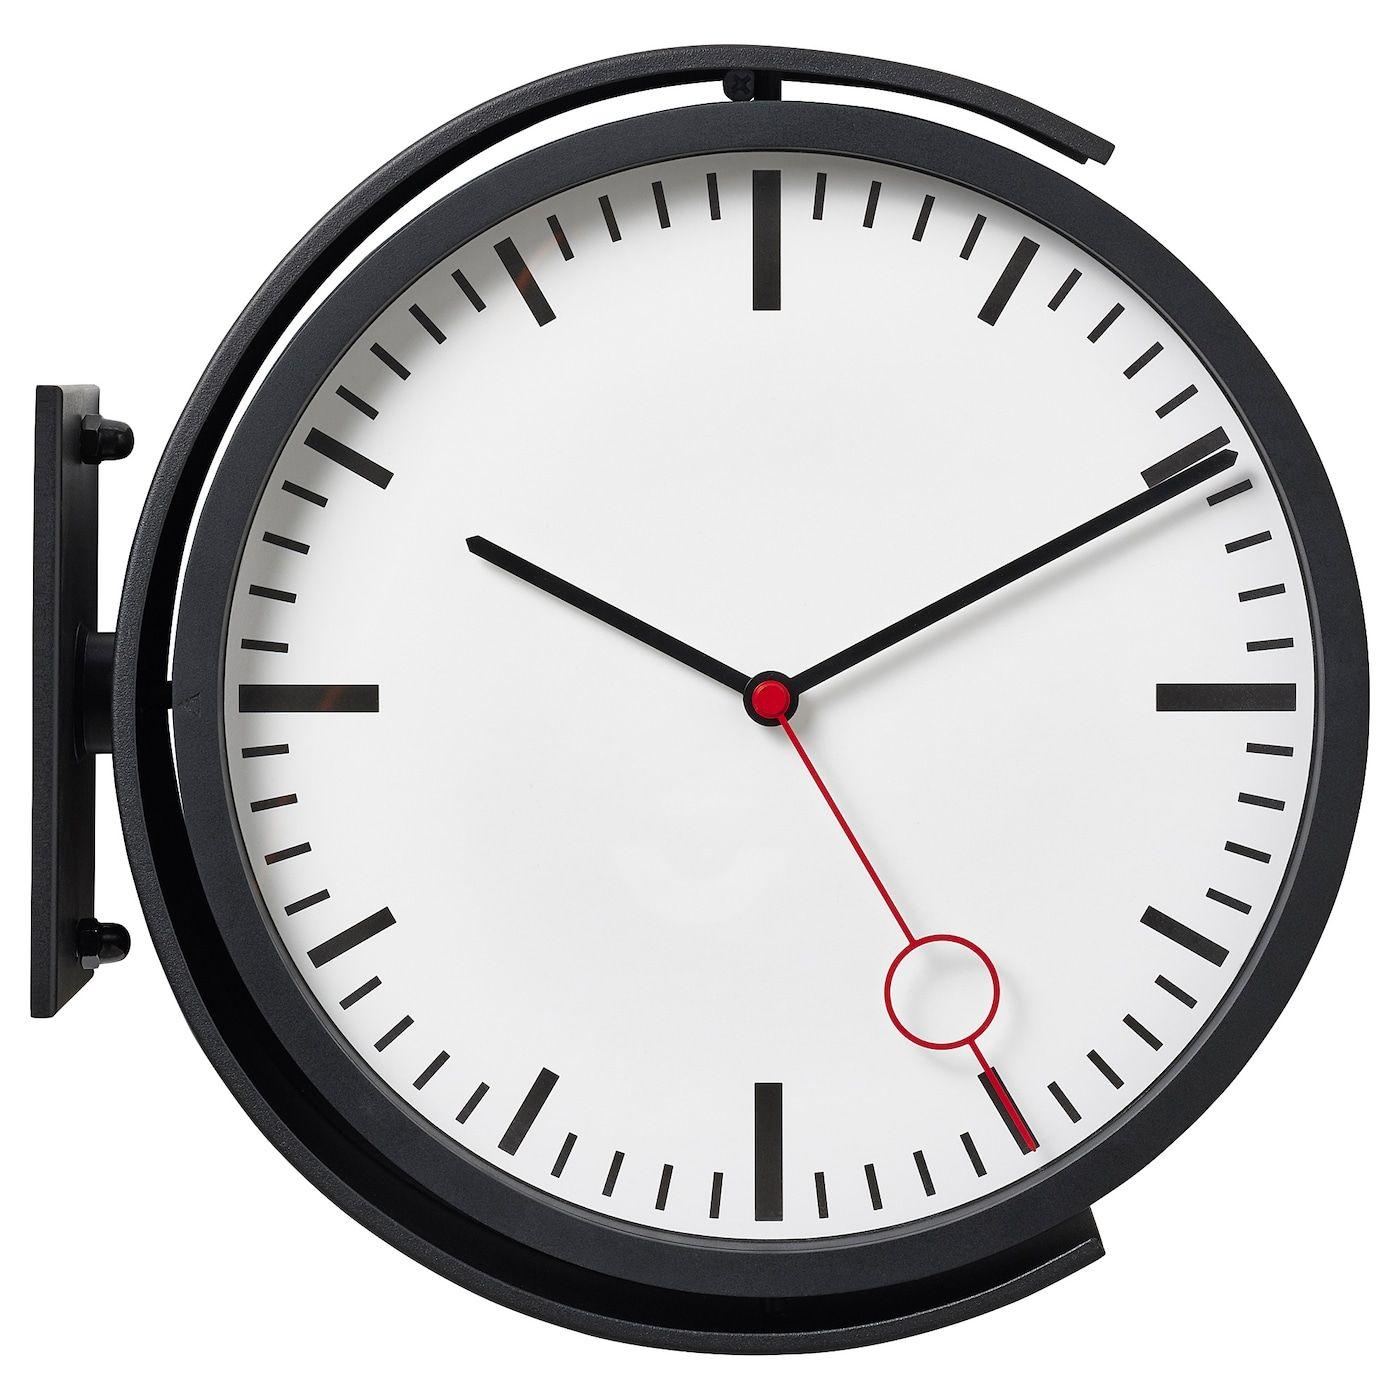 Bissing Wall Clock Black 11 Ikea In 2021 Wall Clock Black Wall Clock Clock